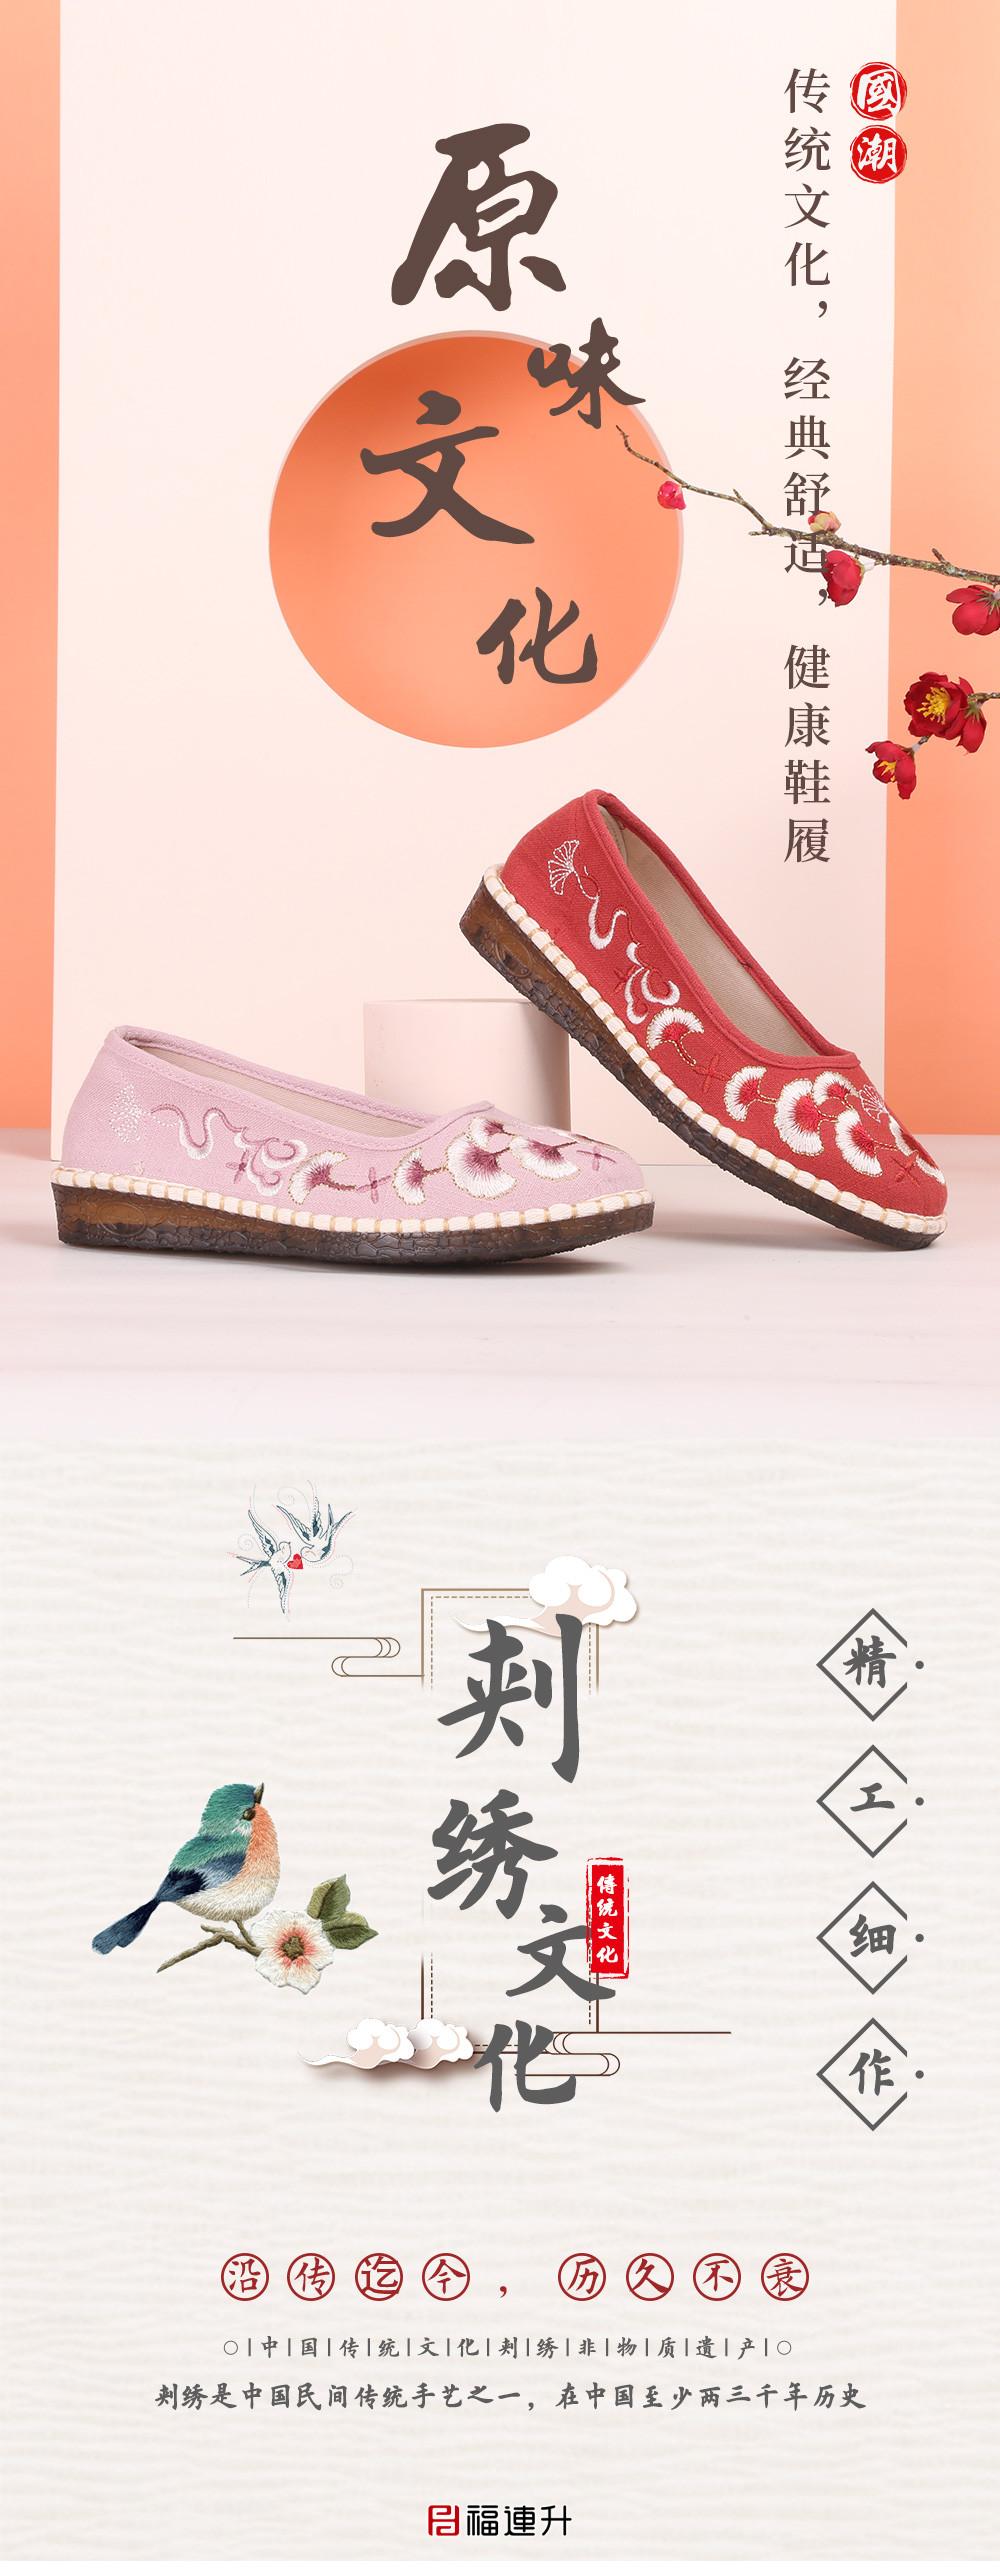 福連升布鞋中國風休閑鞋麻布牛筋底舒適繡花女單鞋圖片